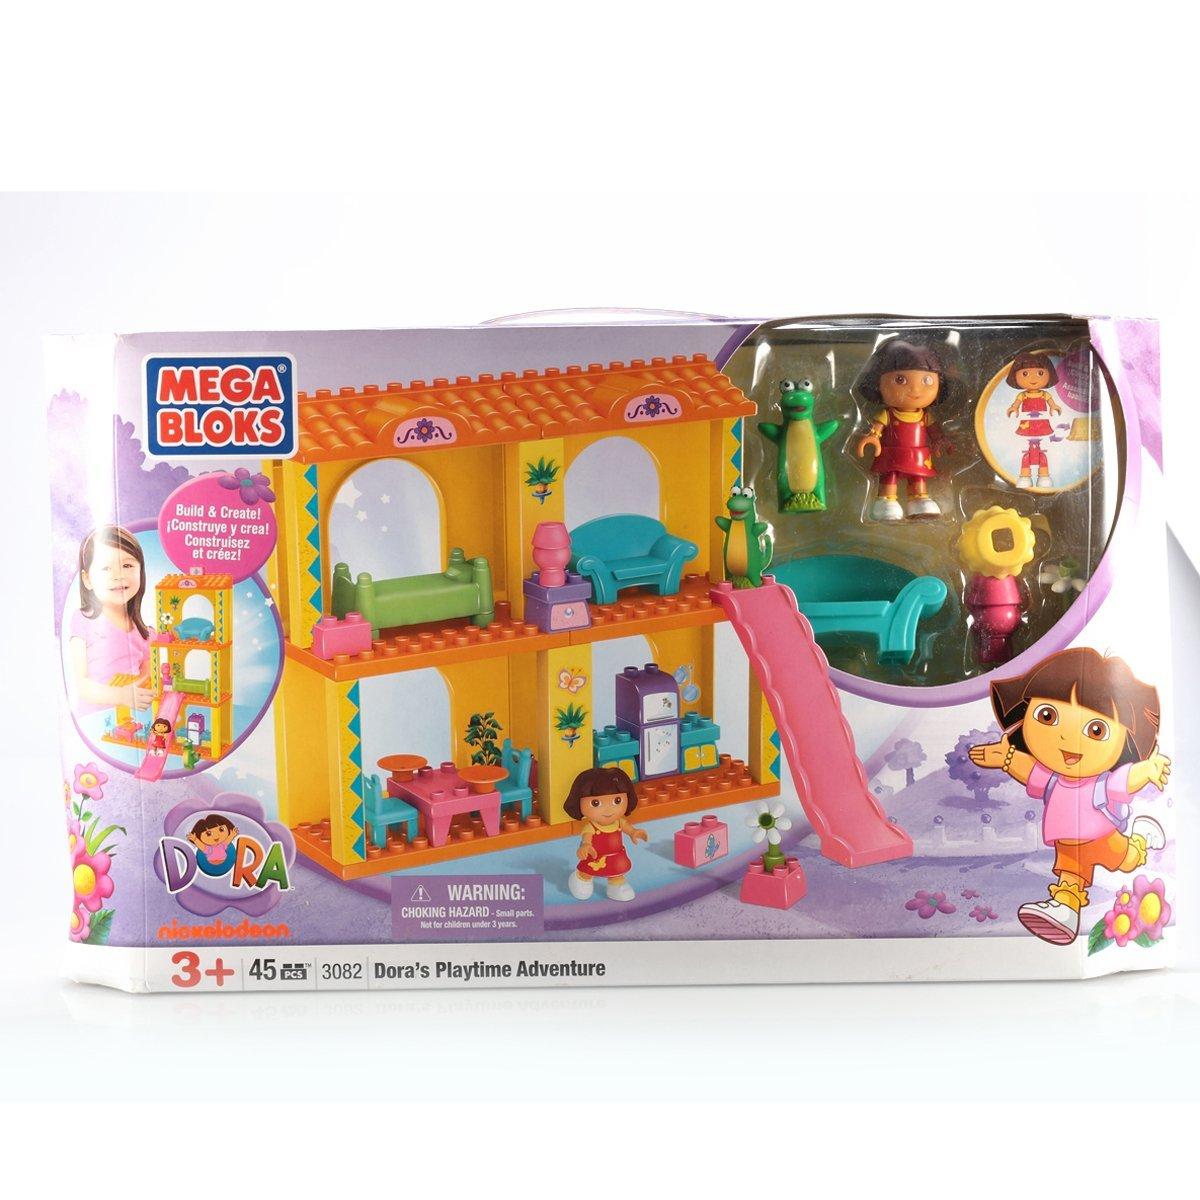 Лего, Кубики Mega Bloks MGM  MEGA BLOKS 3082 3083 mega bloks